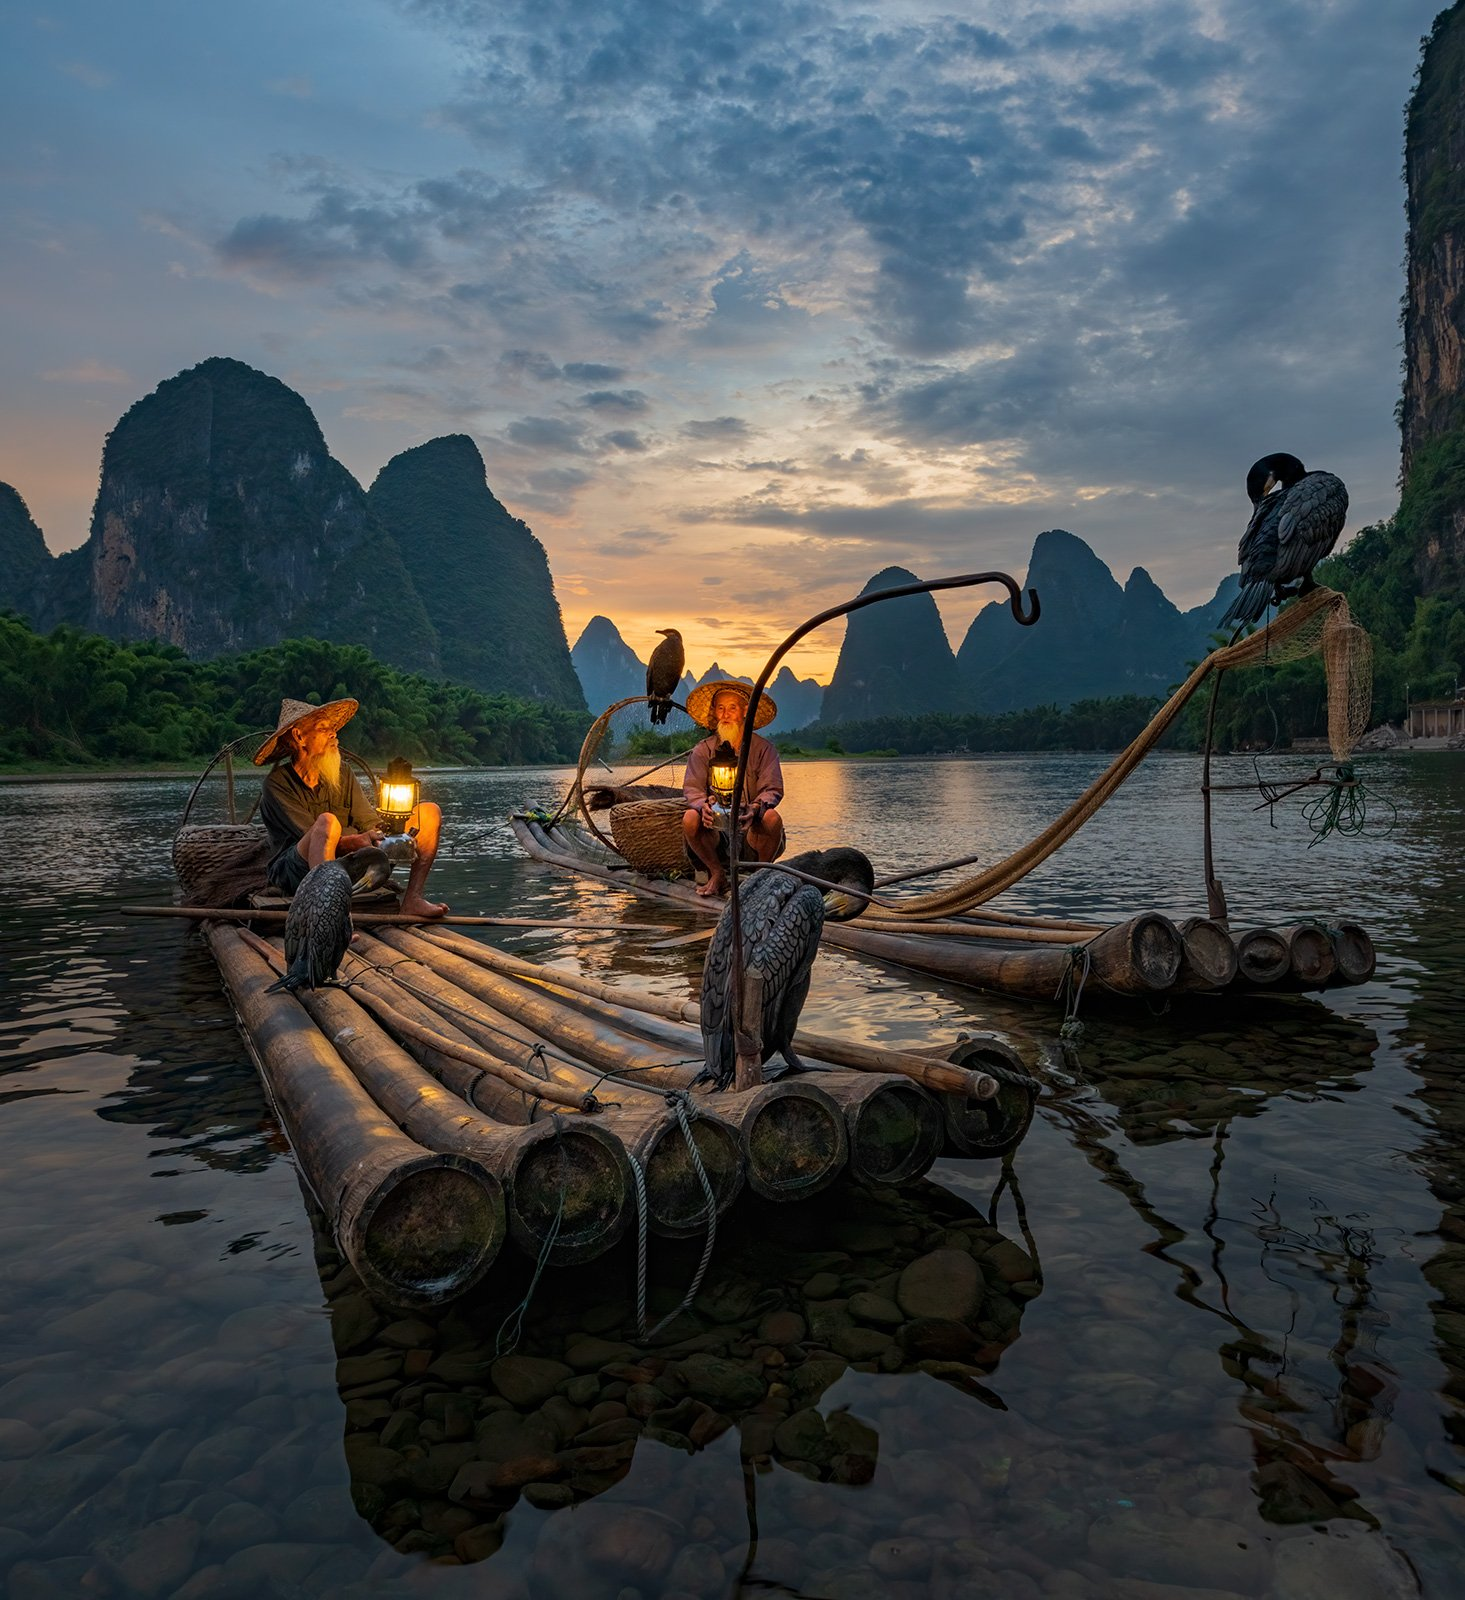 китай, старик, рыбак, баклан, бакланы, горы, закат, Алексей Емельянов